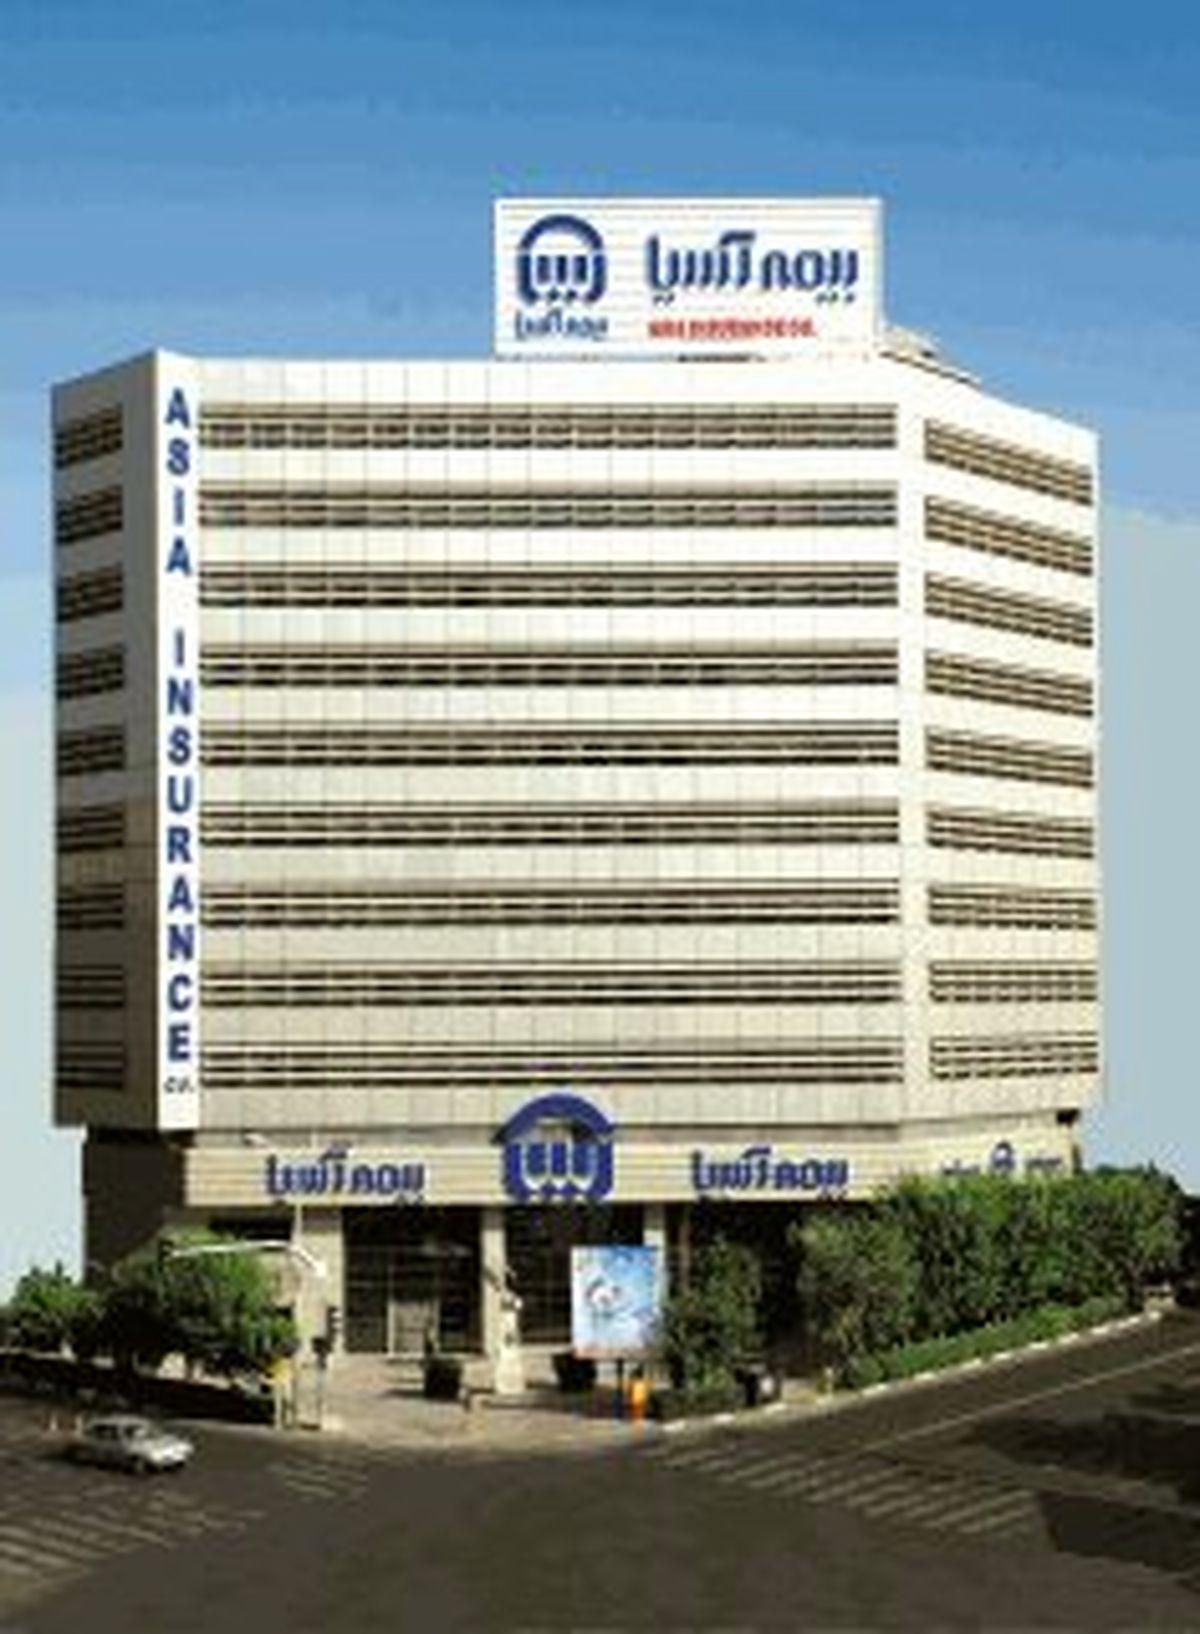 بیمه آسیا تعهد مالی بیمه شخص ثالث را تا 320 میلیون تومان افزایش داد